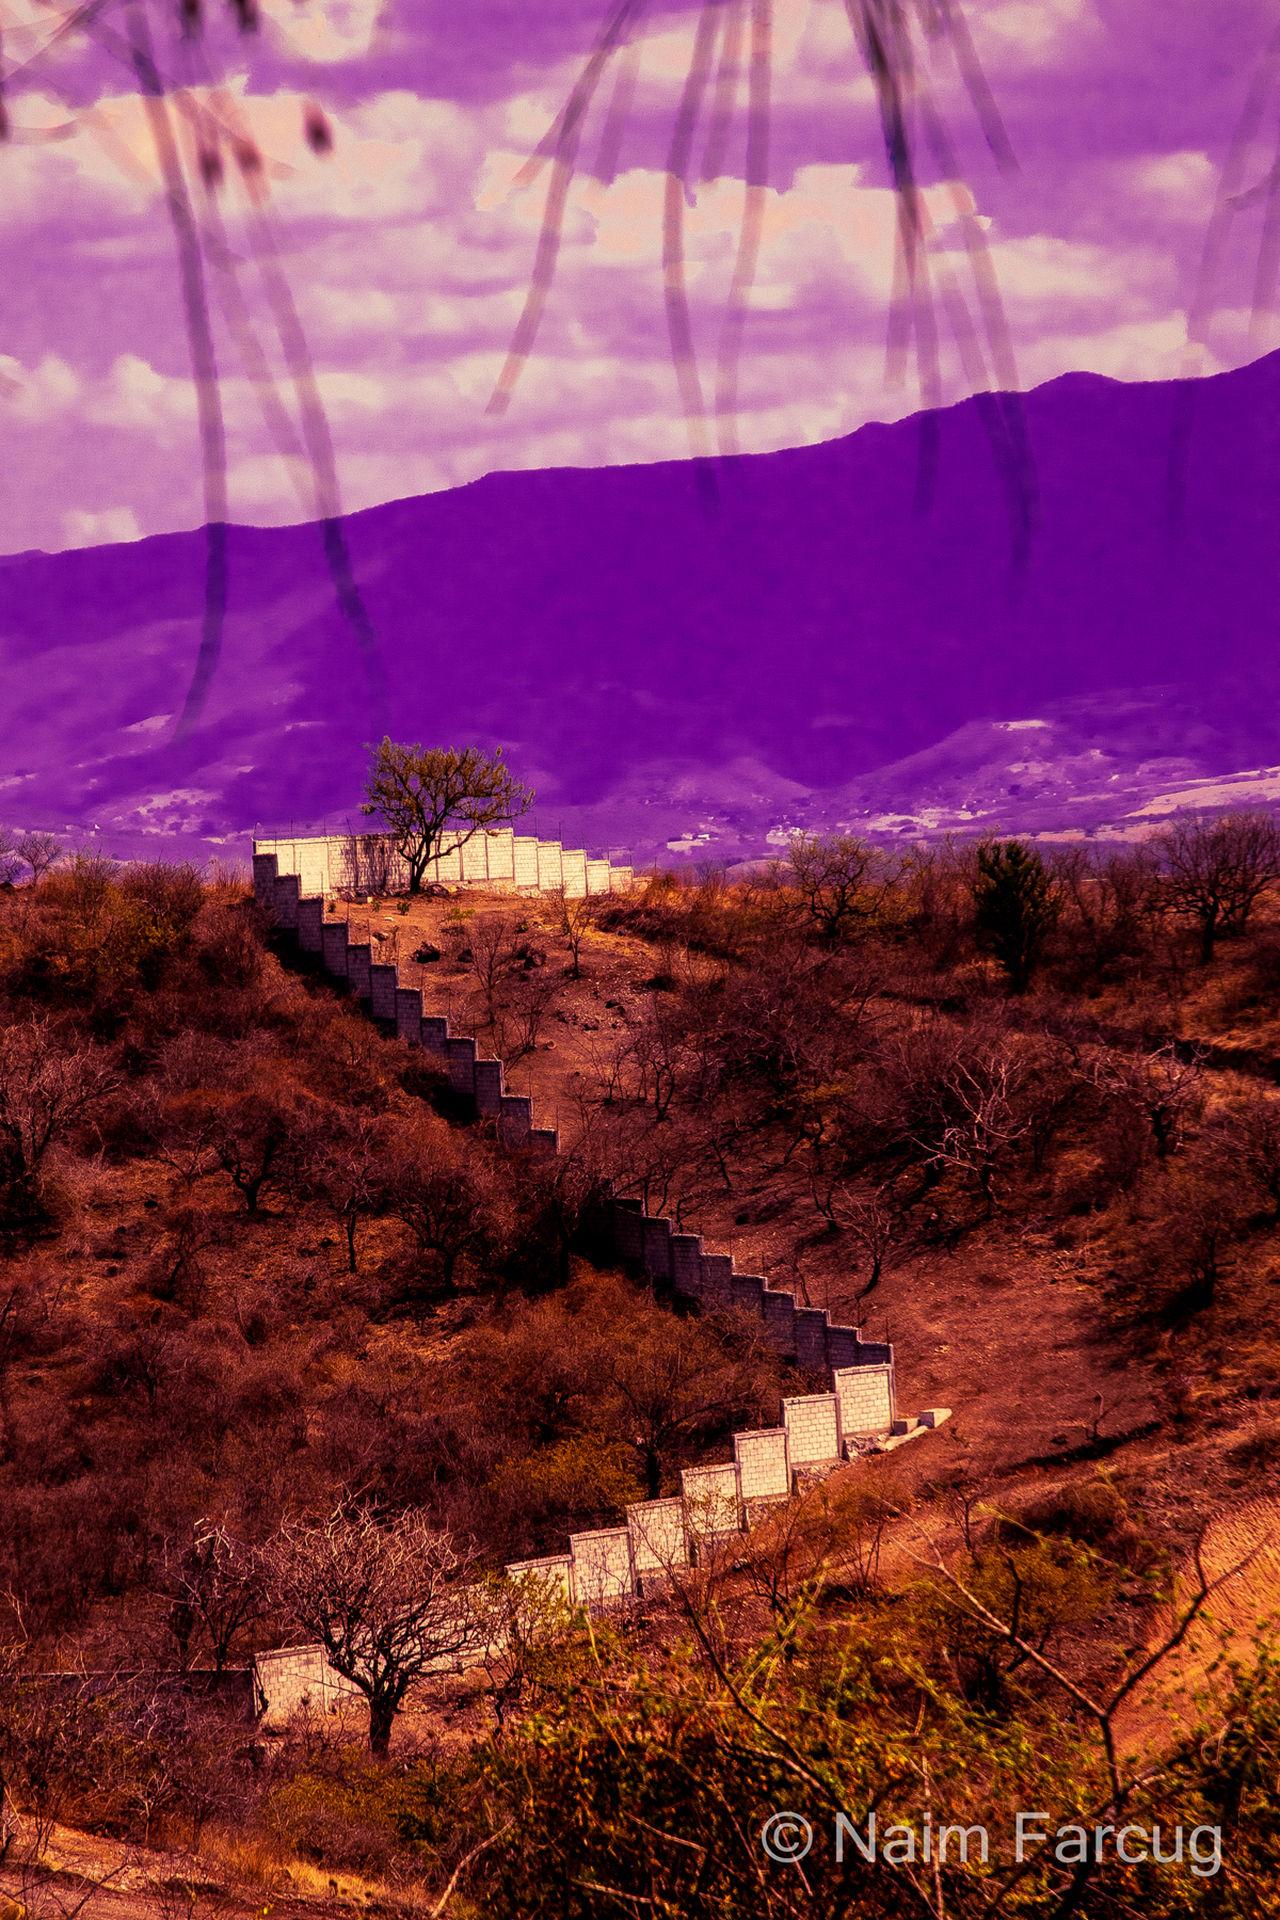 """""""Barda"""" Toma: 03 de mayo de 2015 Cámara: Nikon D3200 Velocidad de obturación: 1/1600 seg. Abertura de diafragma: f/4.5 a ISO 100 Distancia Focal: 70 mm Relaxing Taking Photos"""